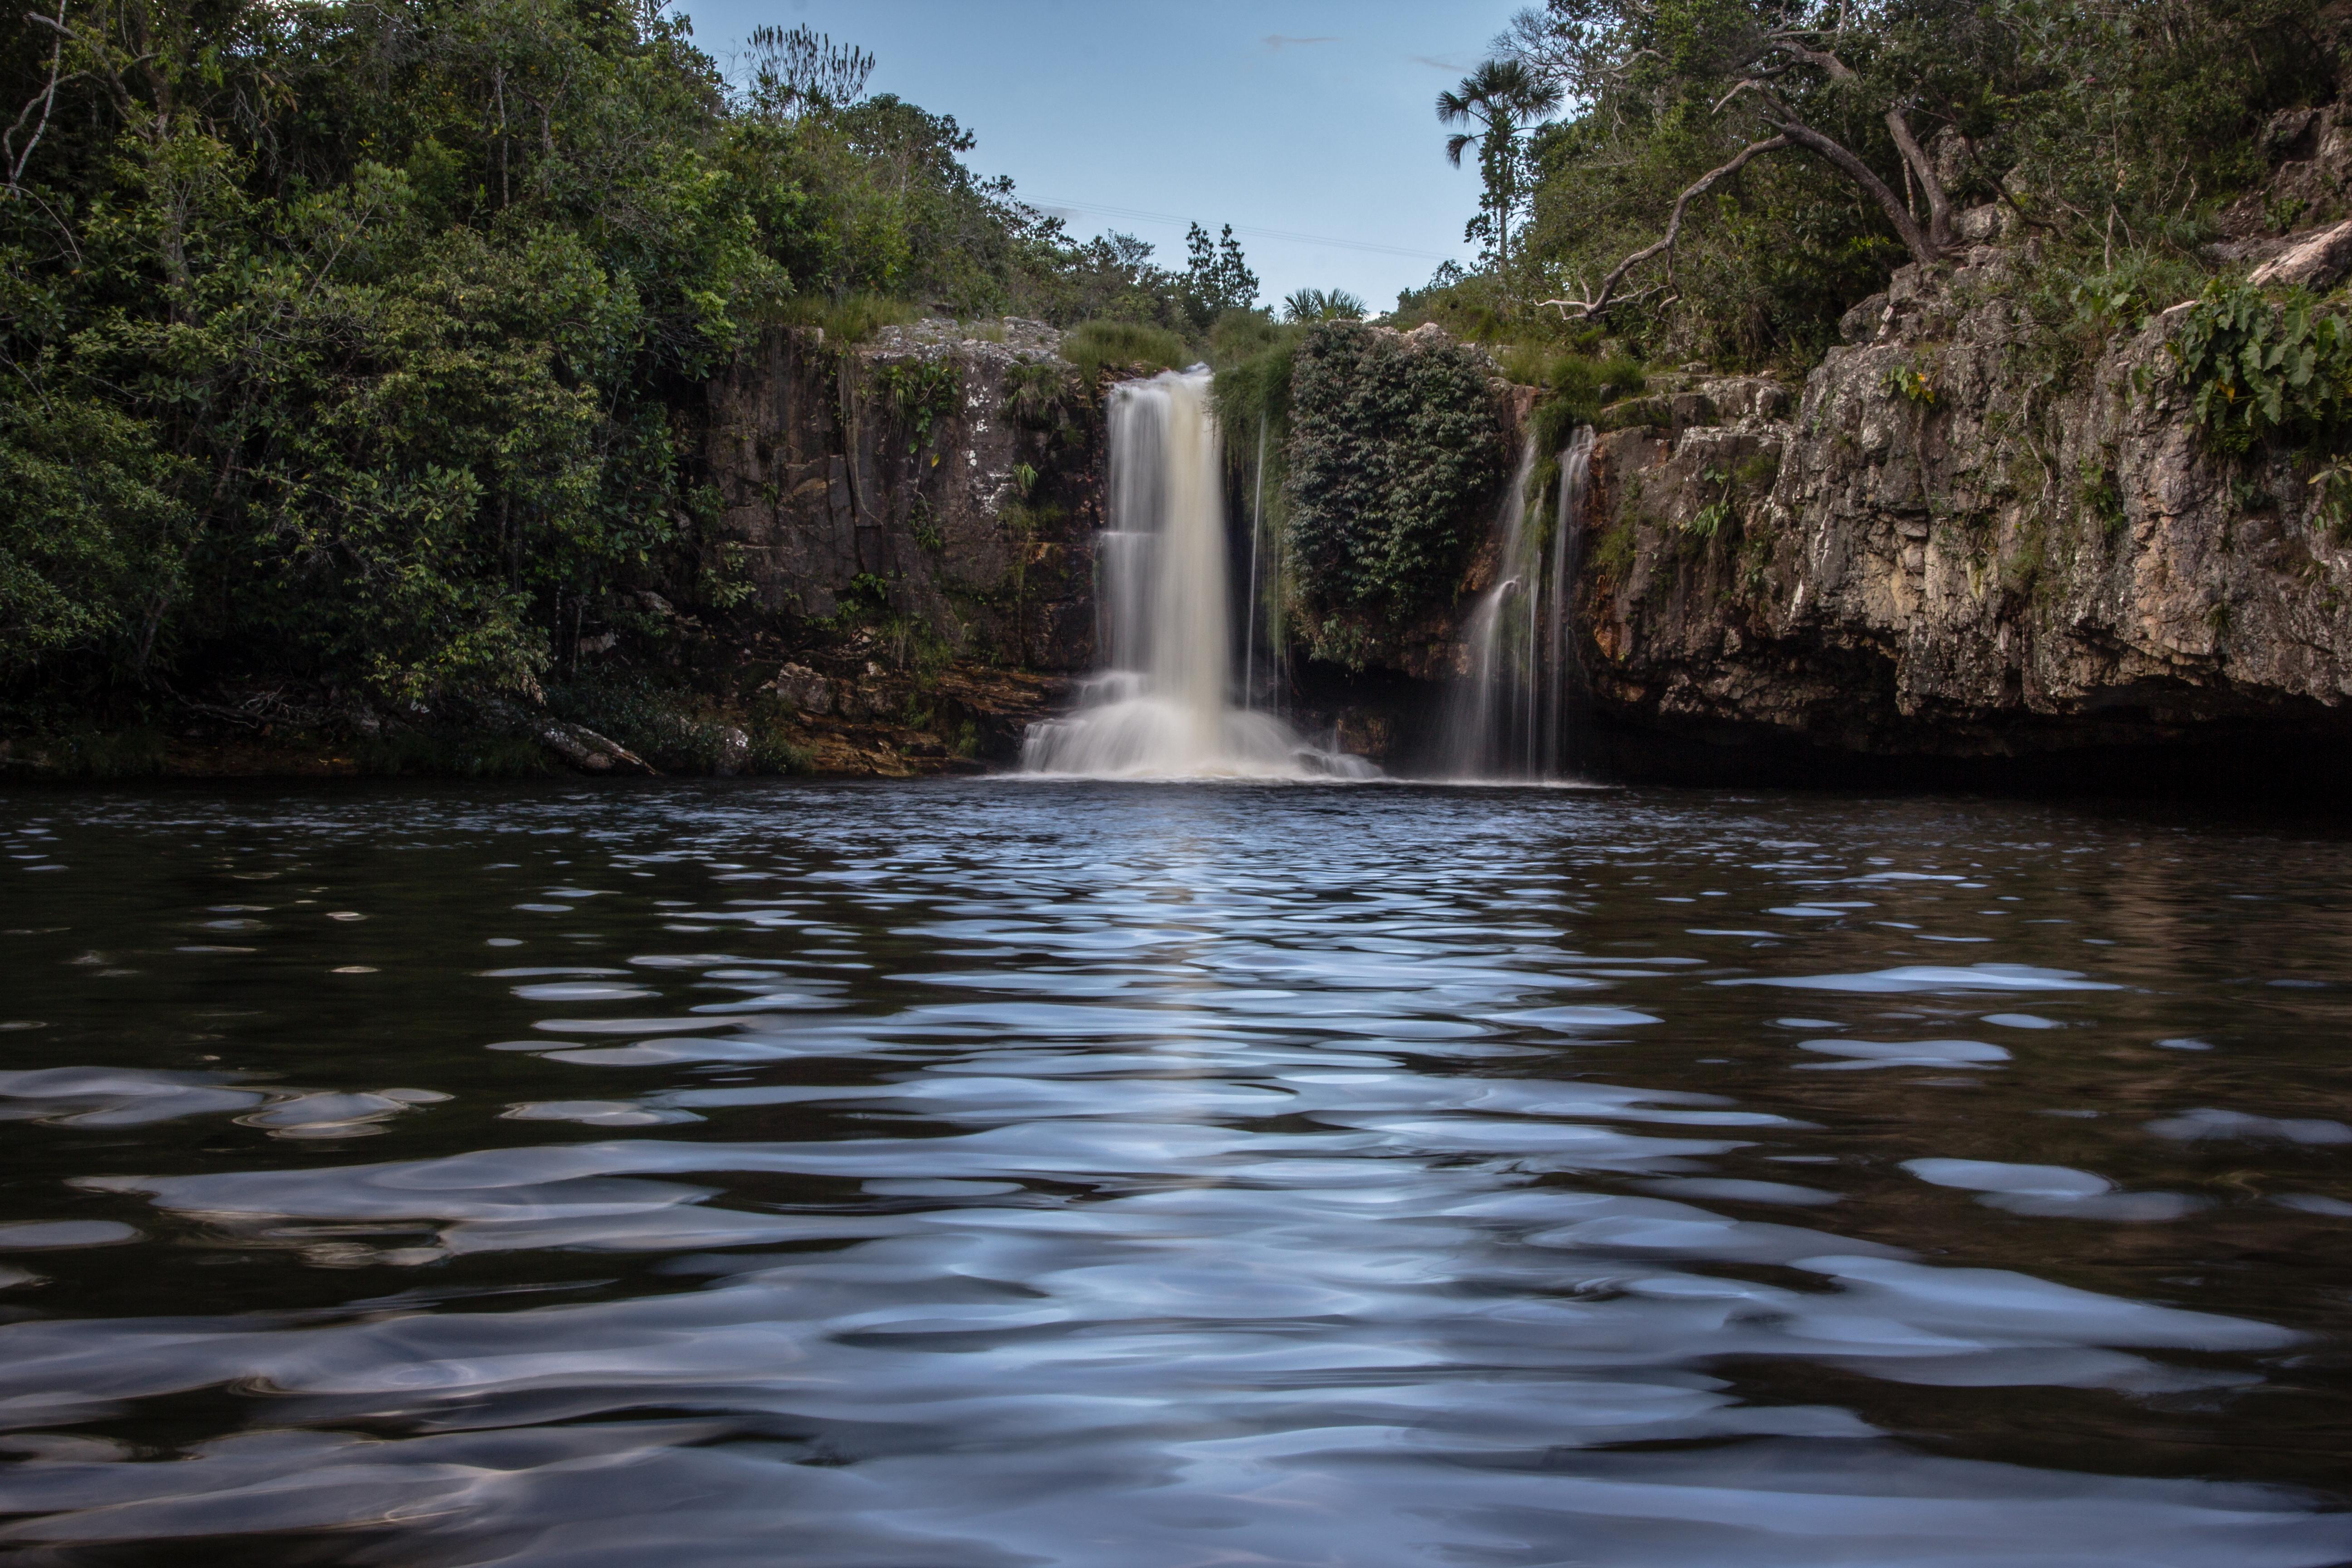 Cachoeira Sao Bento